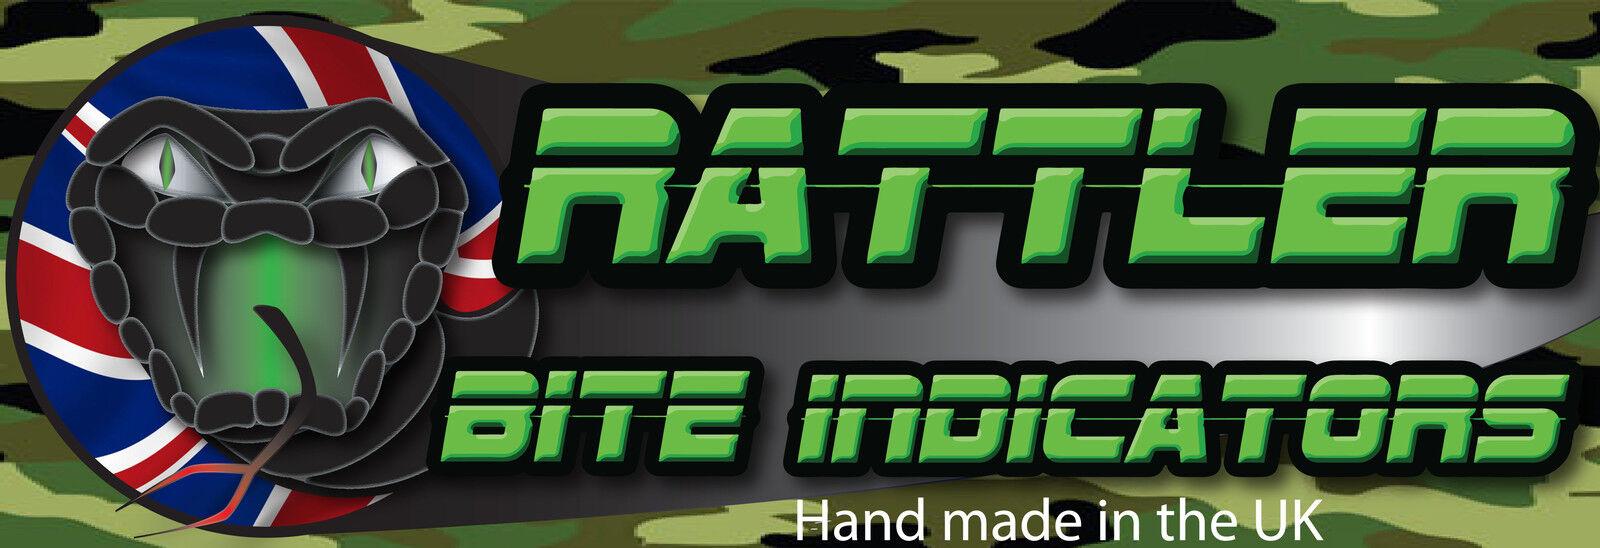 rattlerbiz2015